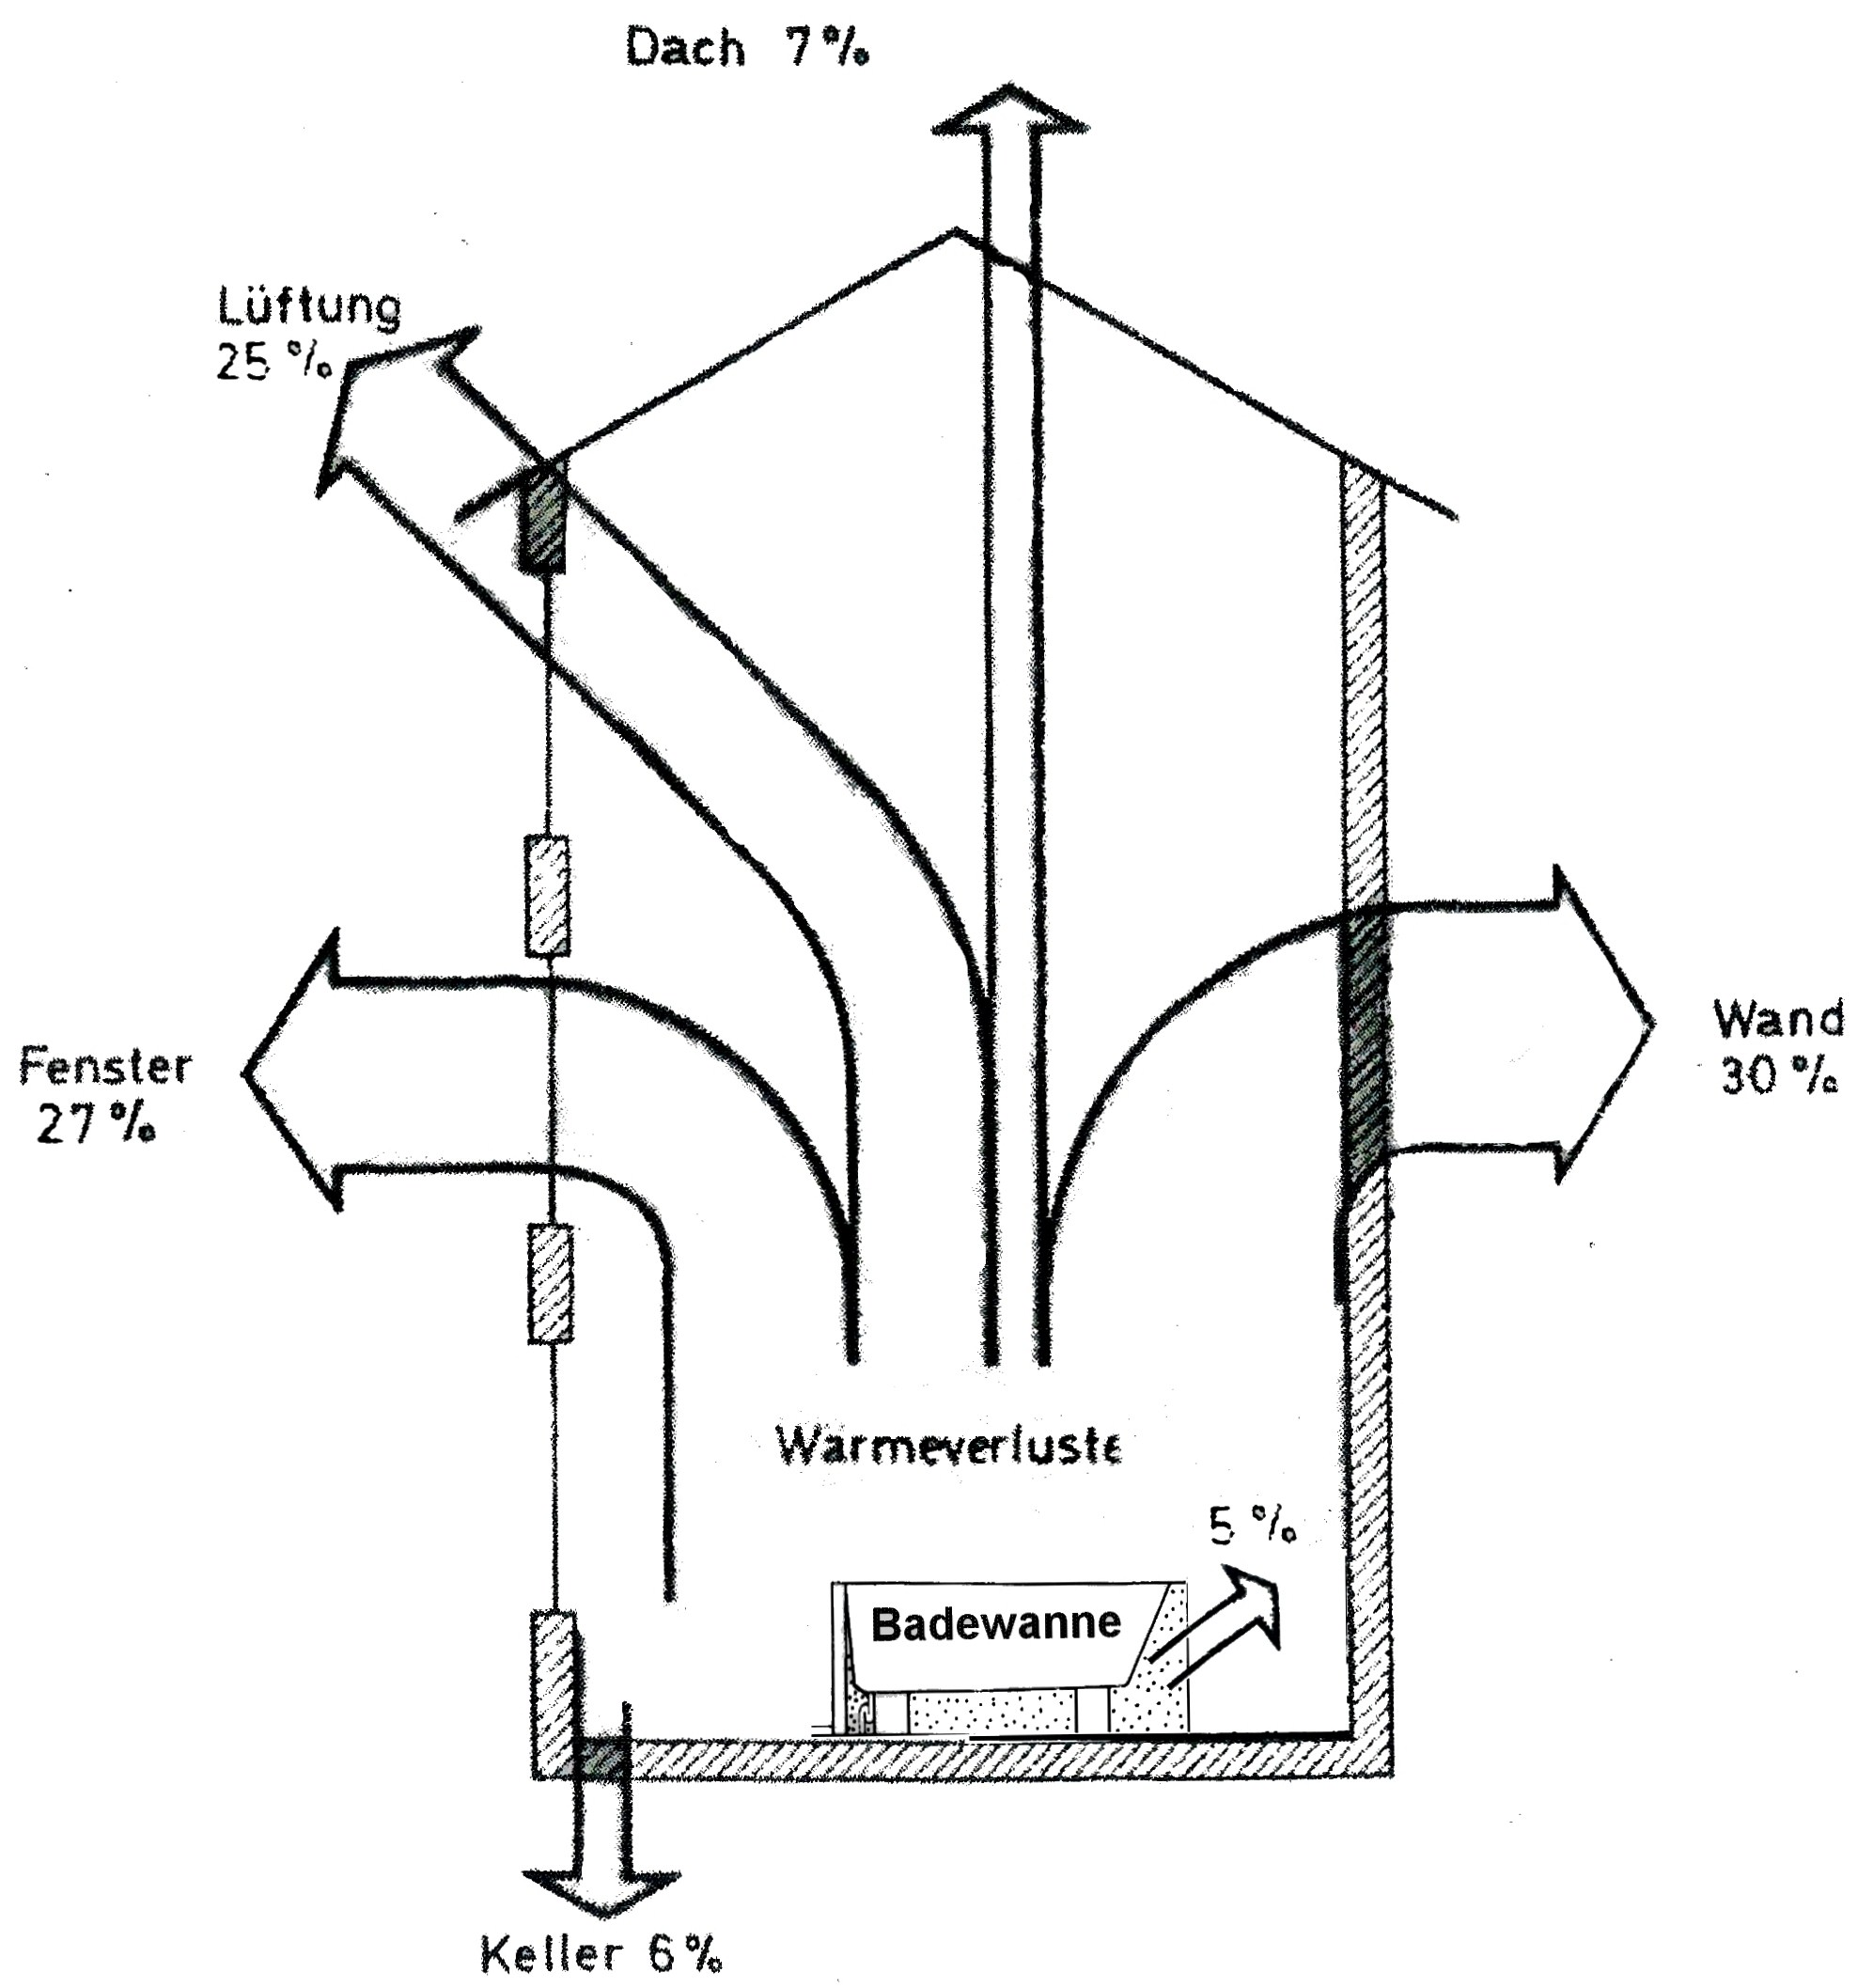 thermische sanierung thermische renovierung nachtr gliche. Black Bedroom Furniture Sets. Home Design Ideas